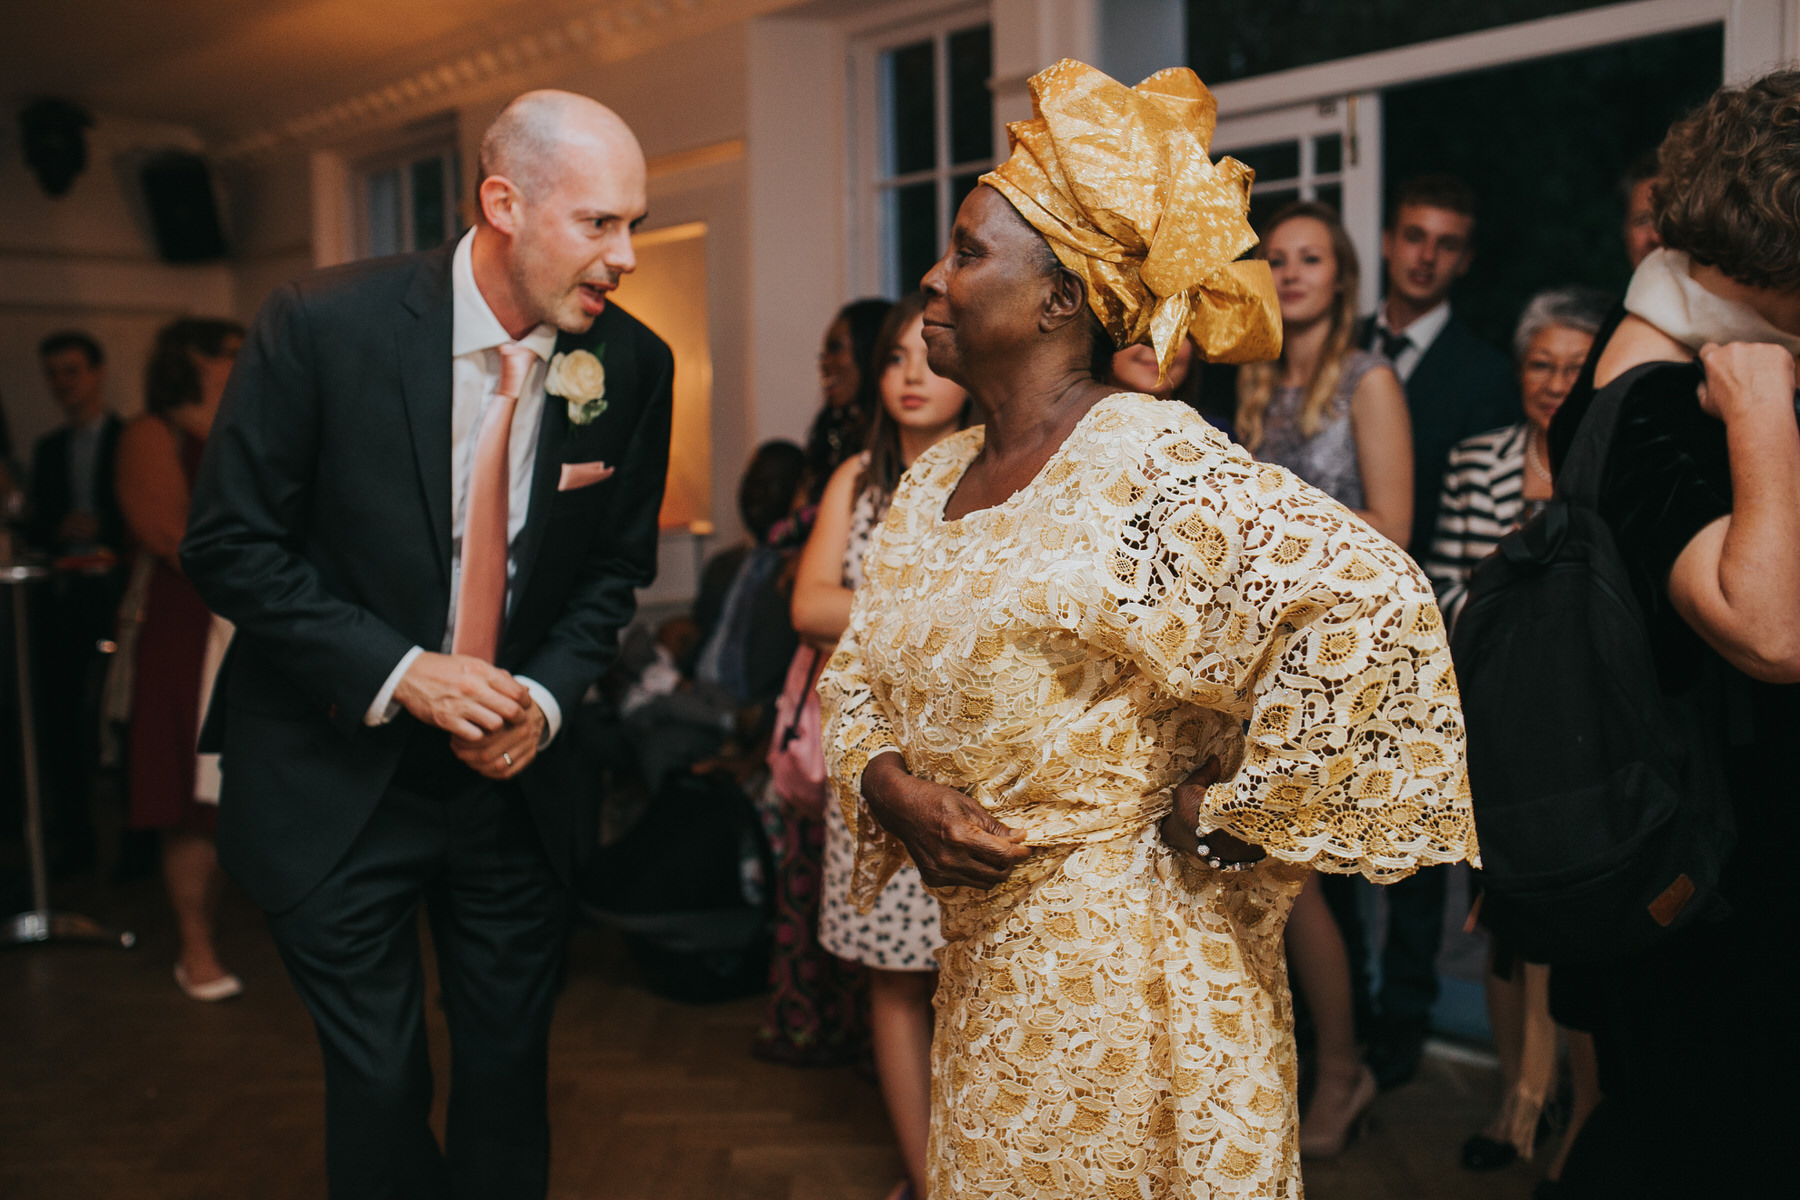 317-Belair House wedding first dance photos.jpg